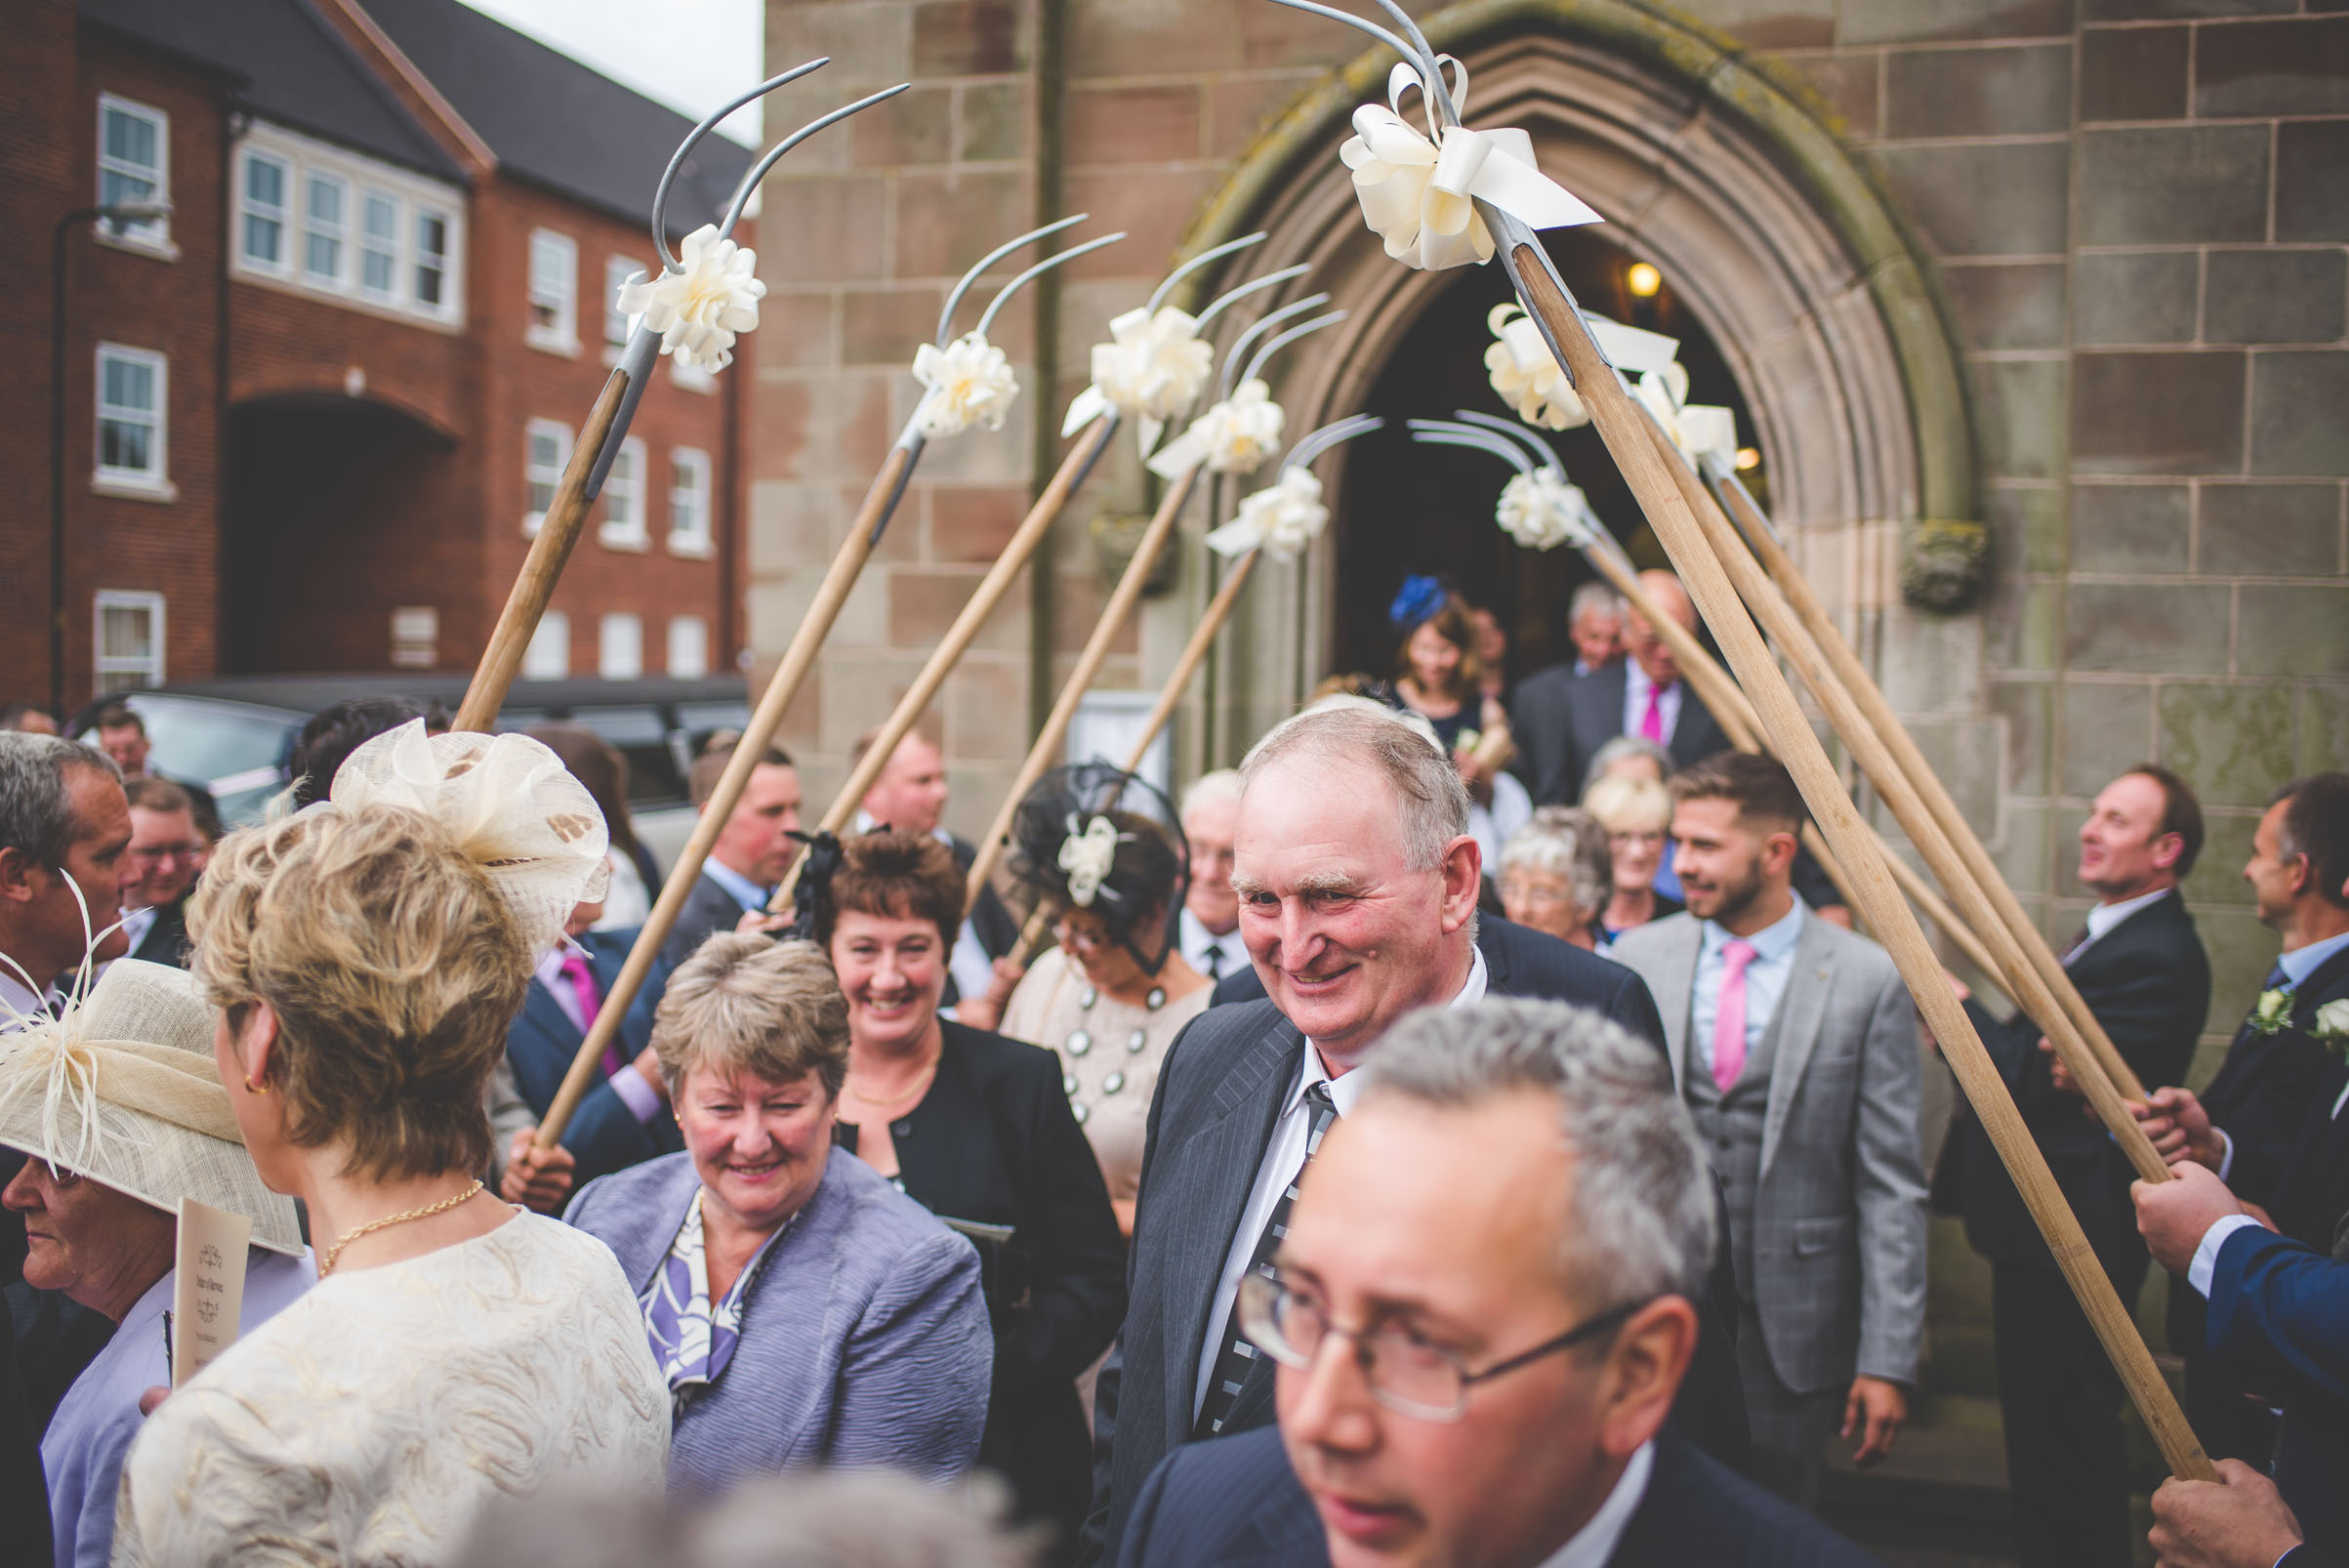 Farm-wedding-staffordshire-st-marys-catholic-church-uttoxter-42.jpg